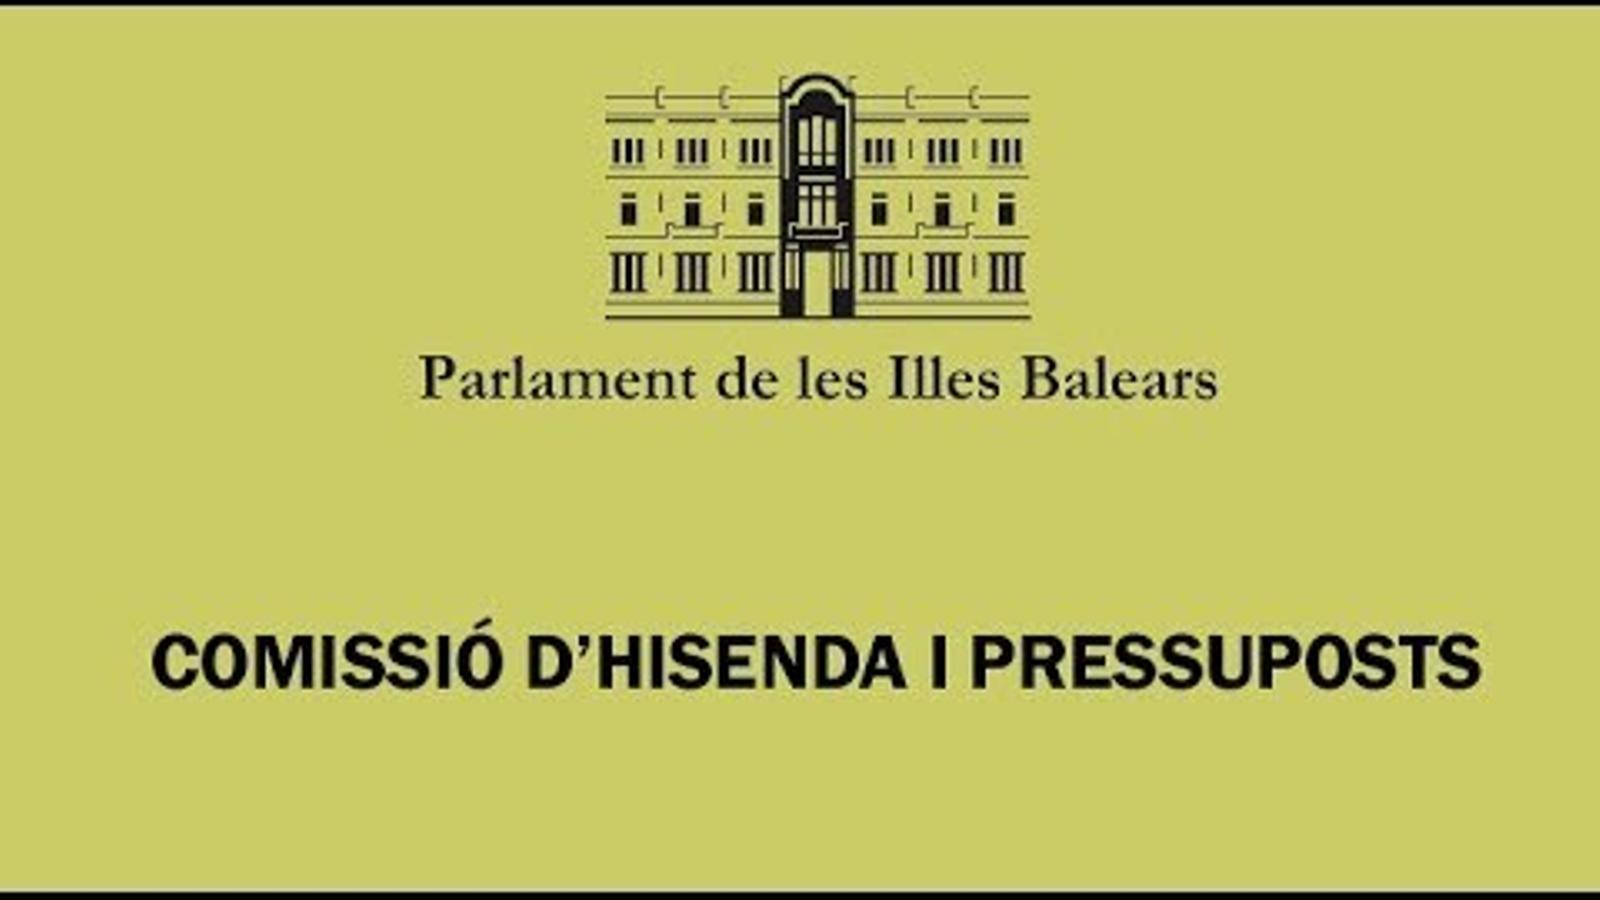 La comissió d'Hisenda i Pressuposts al Parlament, en directe